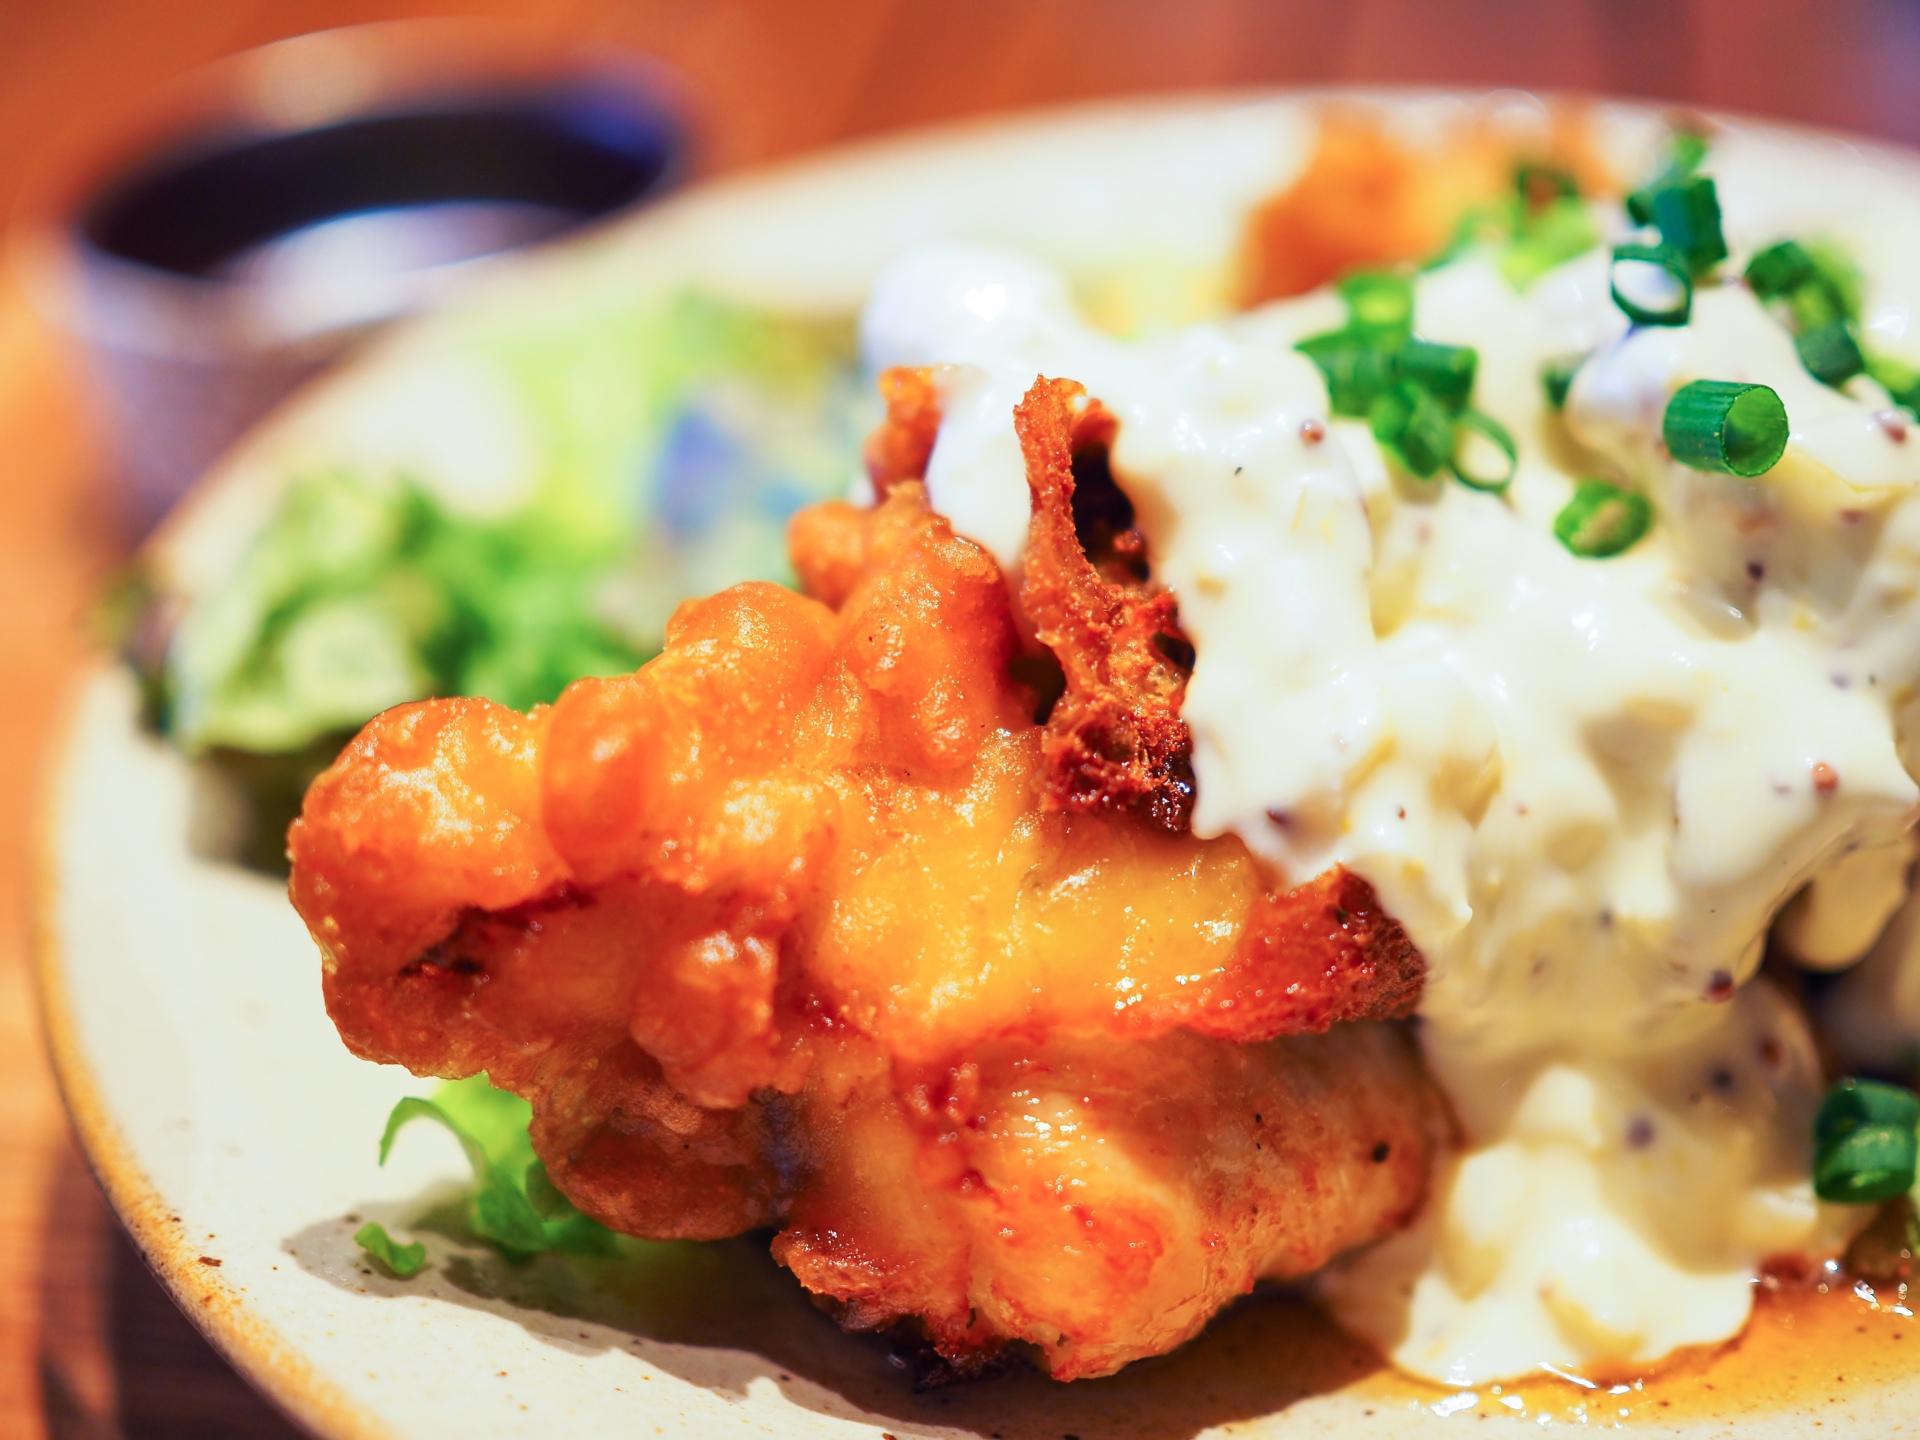 ばあちゃん本舗 チキン南蛮 鶏炭火焼 ハンバーグ 口コミ